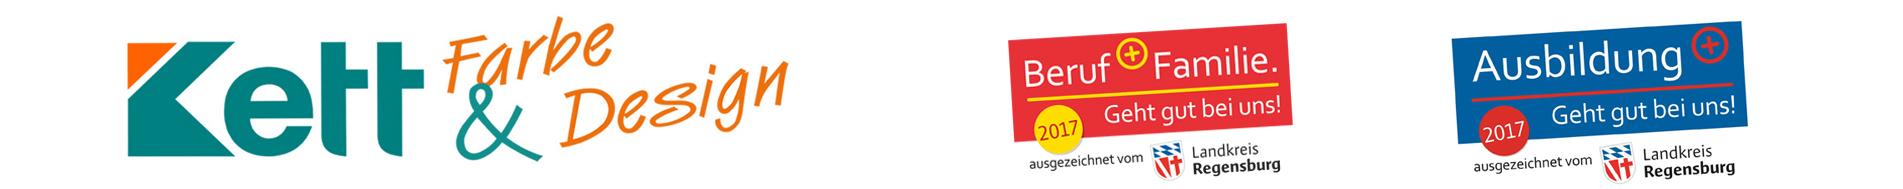 Maler Kett Logo